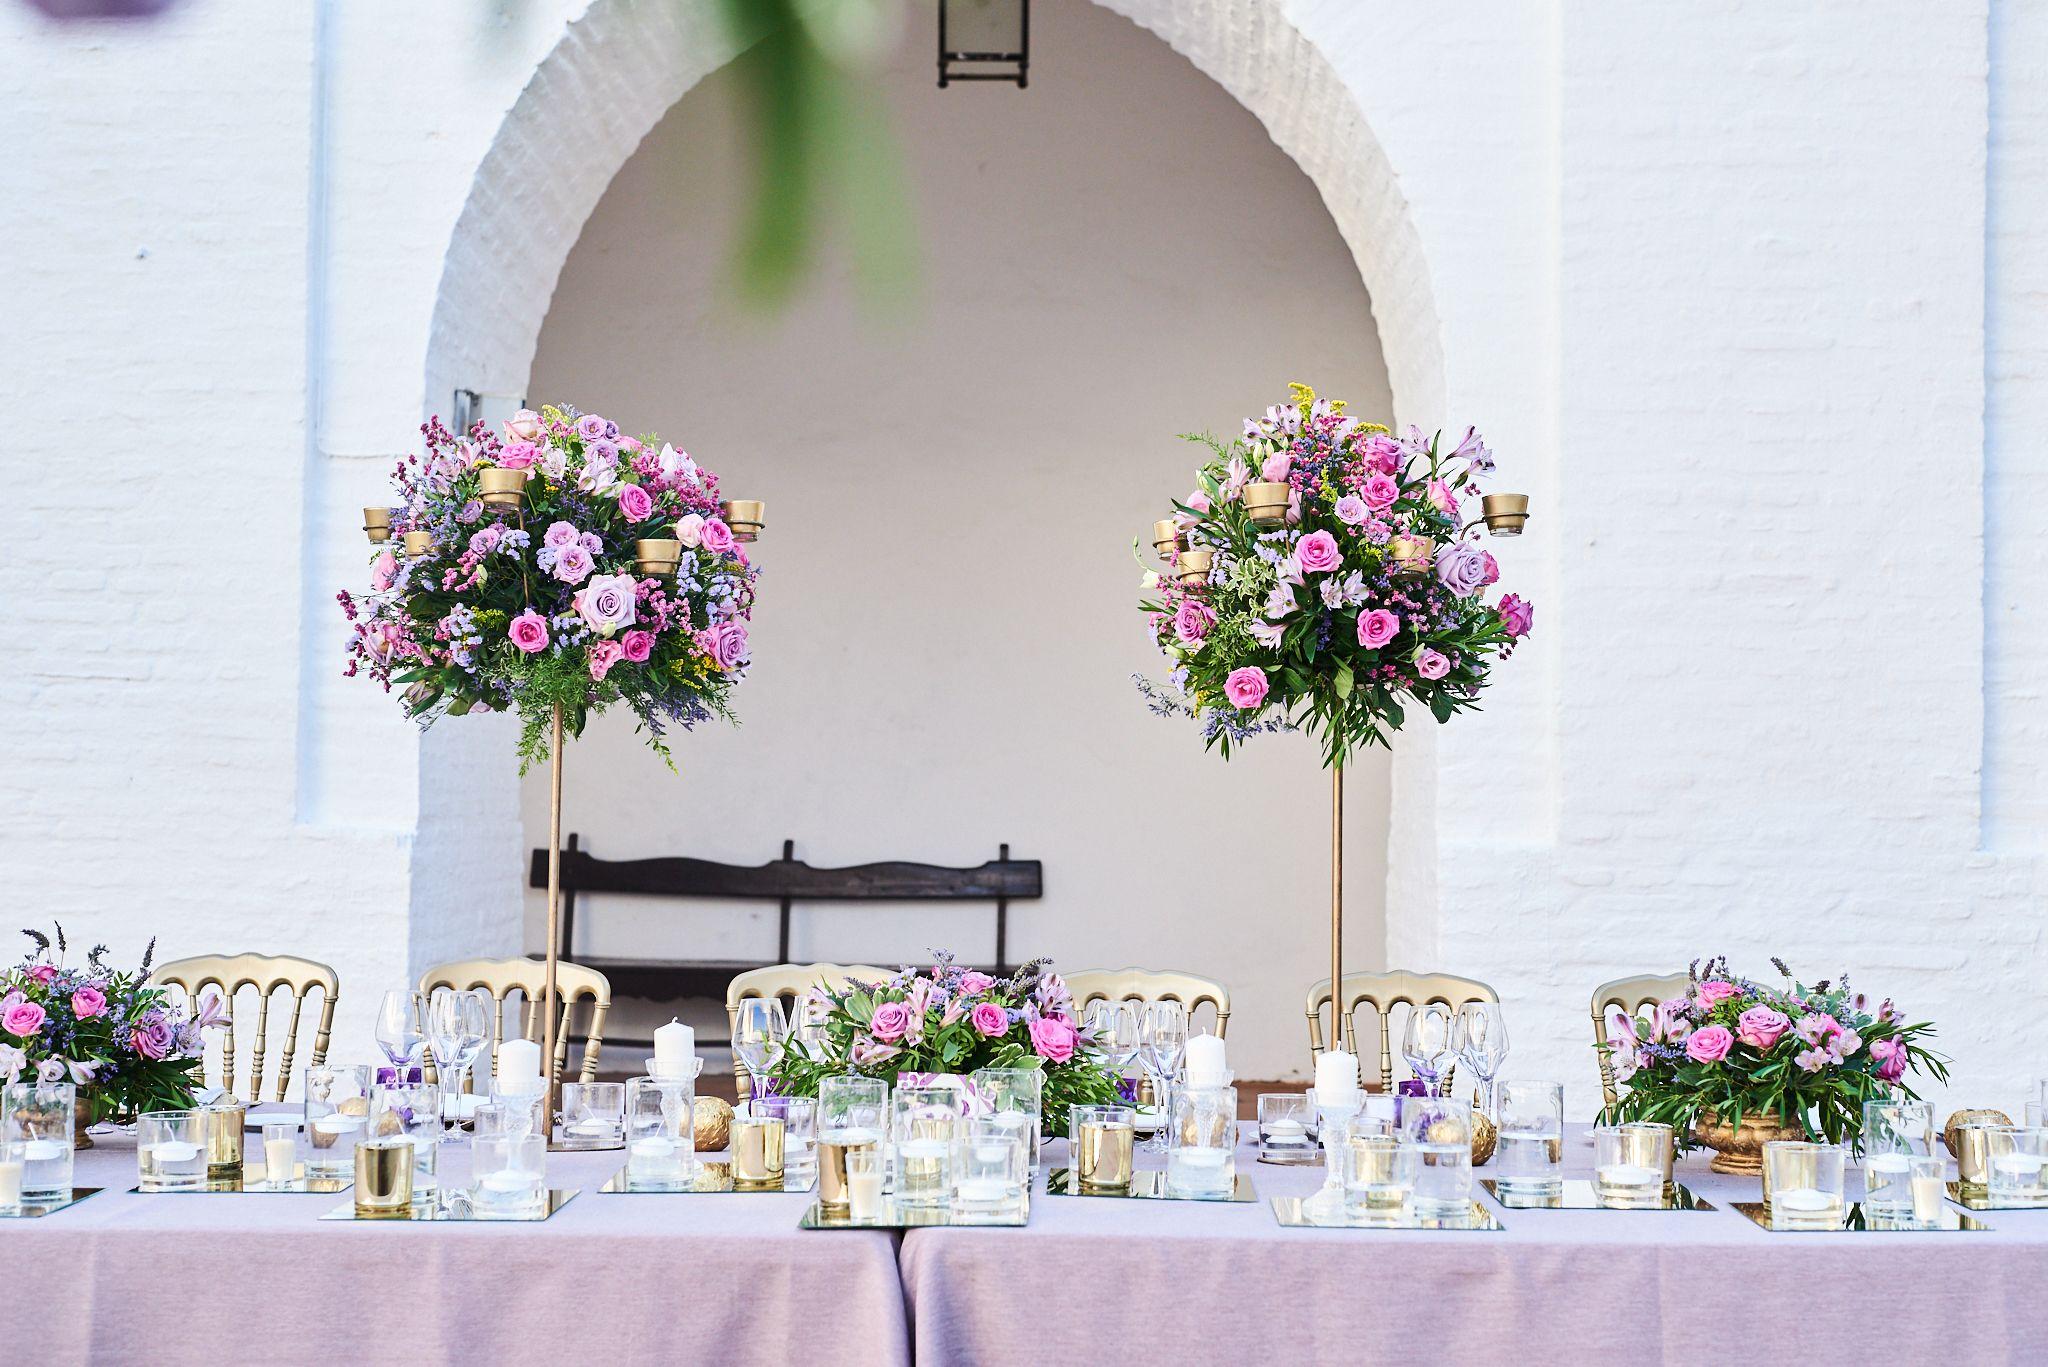 La-22Destination-Wedding22-en-Moguer-de-Lauren-y-JosC3A9-Antonio-JoseAntonio-alejandromarmol1963.jpg